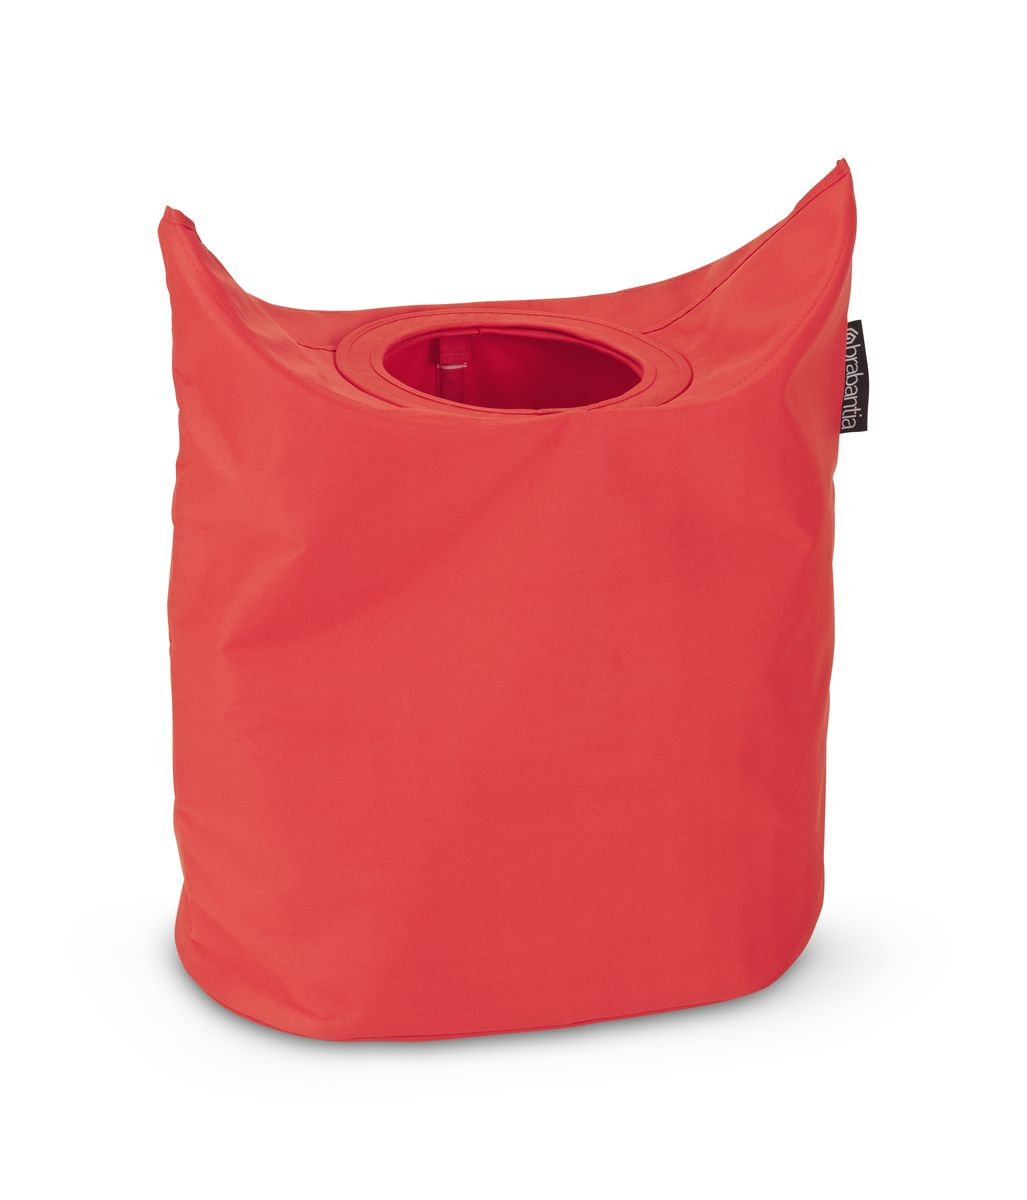 Сумка для белья Brabantia, цвет: красный. 102523RG-D31SОригинальная сумка для белья экономит место и превращает вашу стирку в увлекательное занятие. С помощью складывающихся магнитных ручек сумка закрывается и превращается в корзину для белья с загрузочным отверстием. Собрались стирать? Поднимите ручки, и ваша сумка готова к использованию. Загрузочное отверстие для быстрой загрузки белья – просто сложите магнитные ручки; Большие удобные ручки для переноски; Удобно загружать белье в стиральную машину – большая вместимость и широкое отверстие; 2 года гарантии Brabantia.